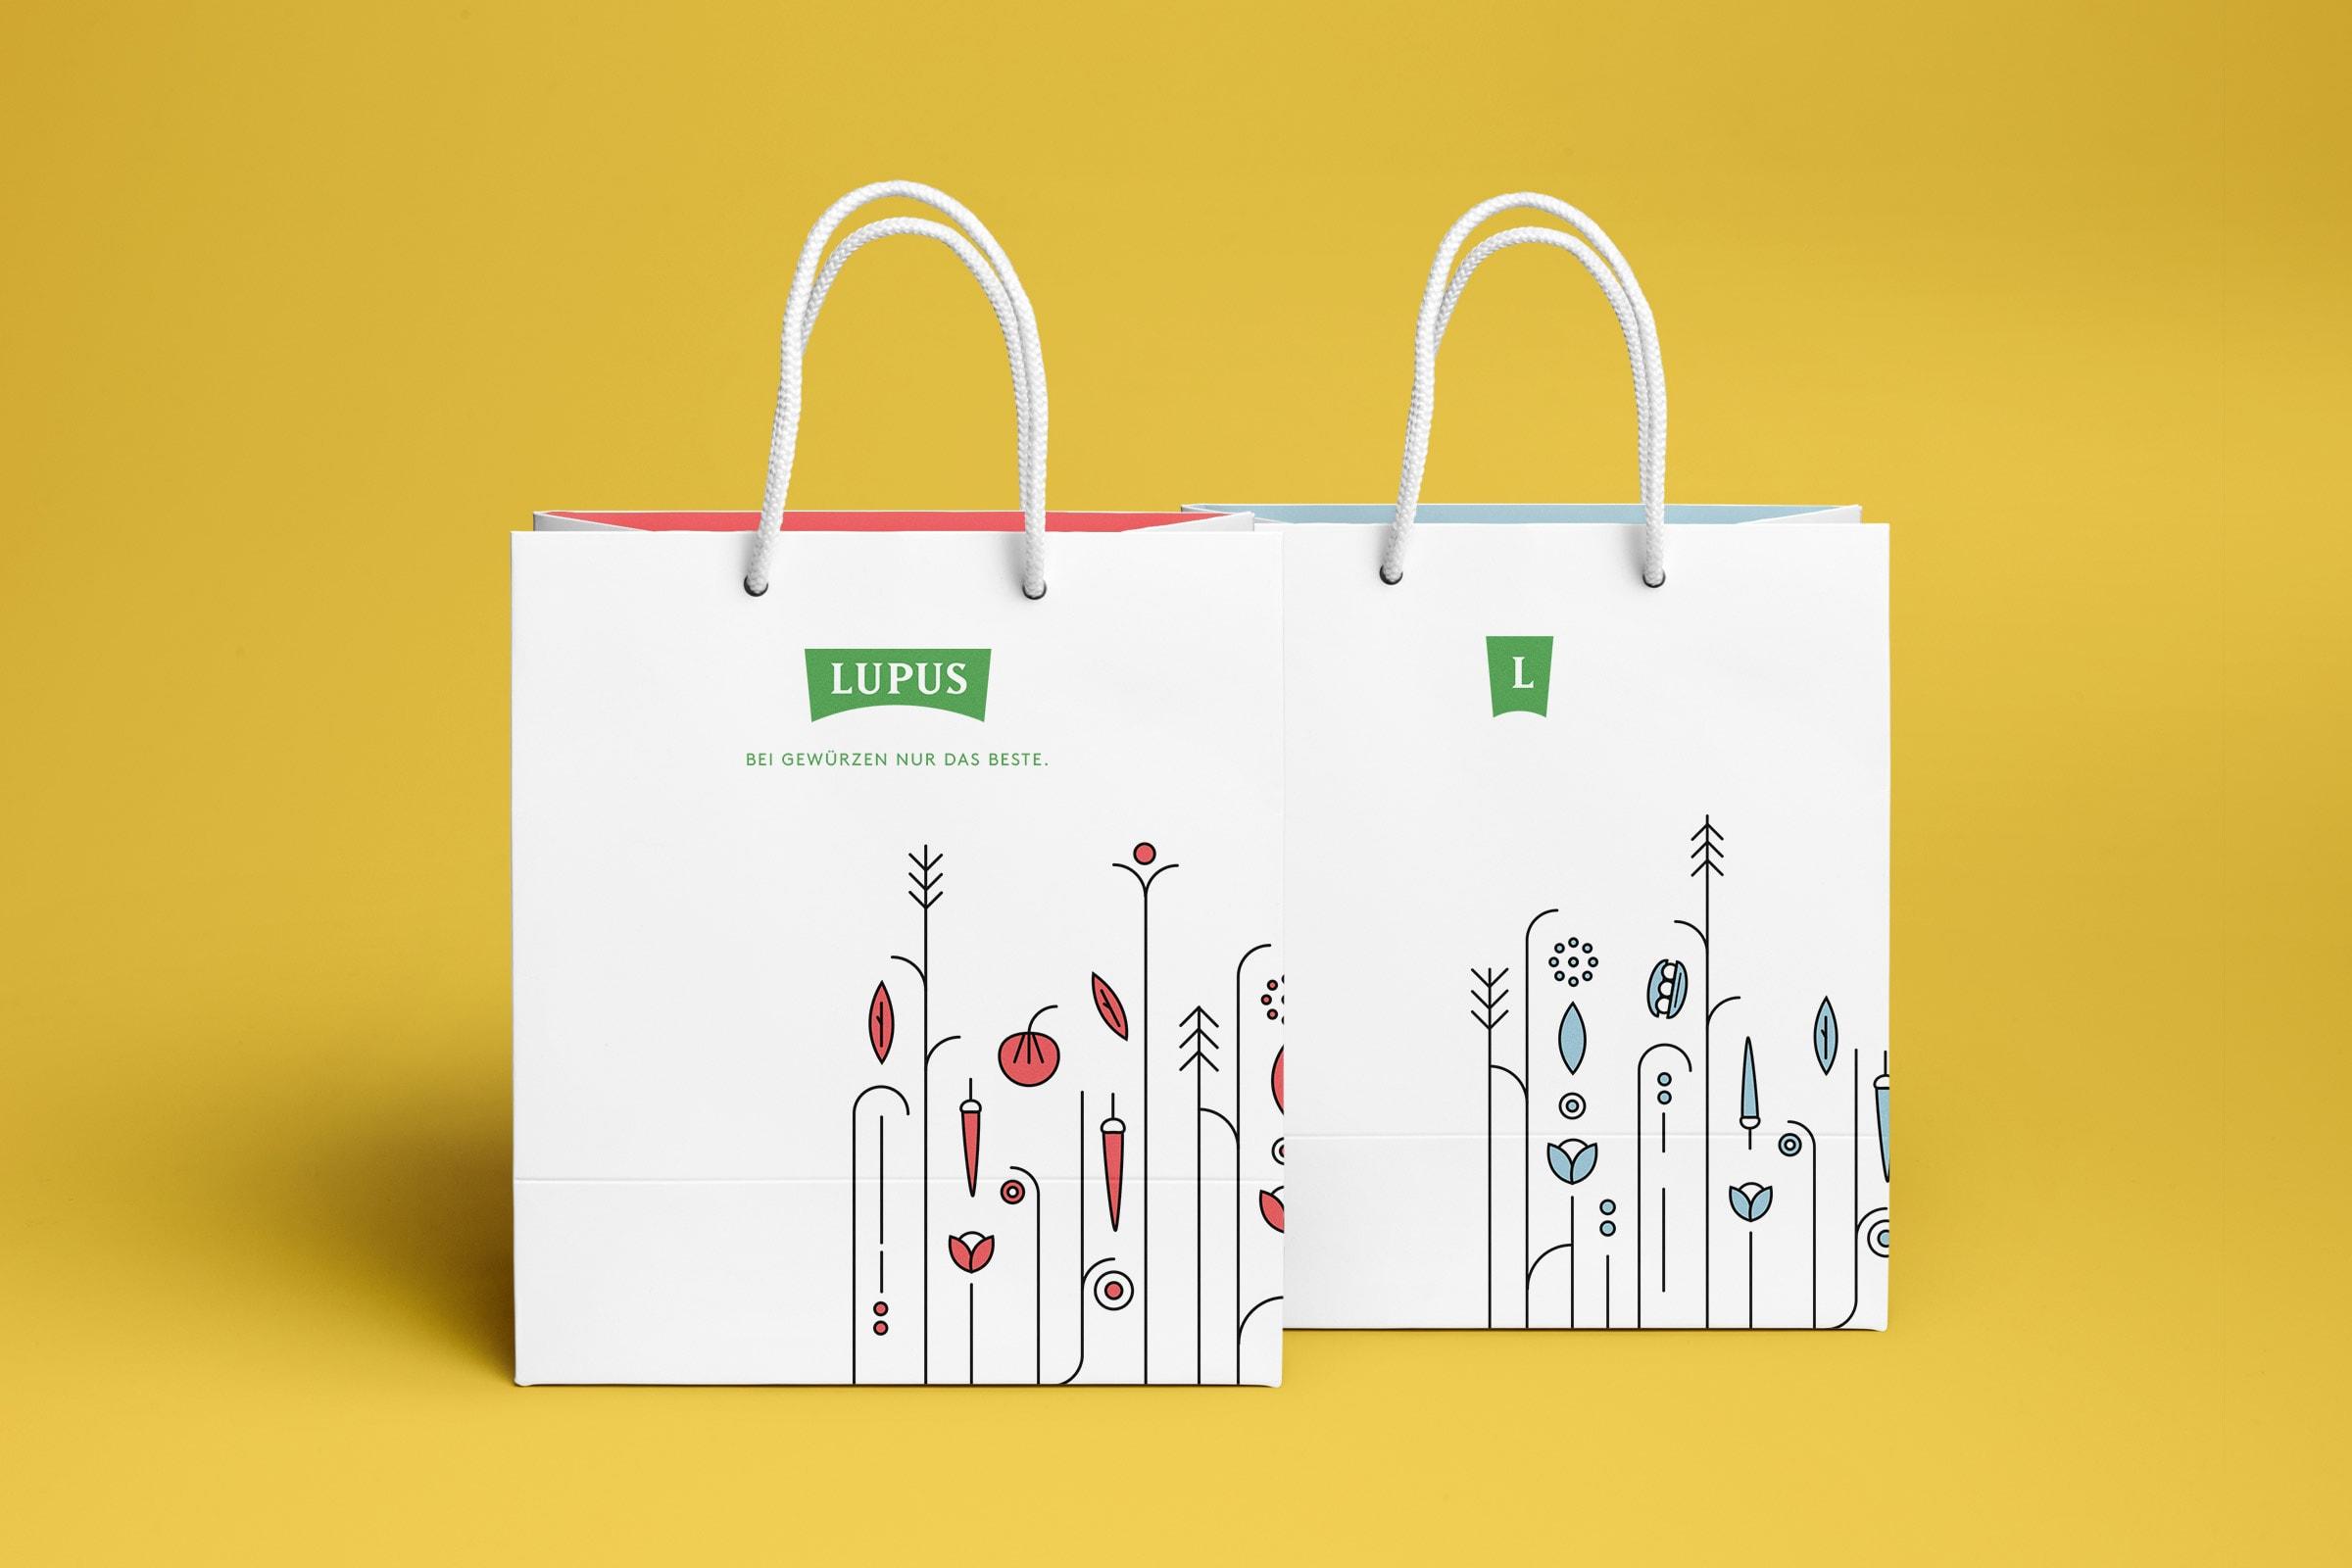 tüte, Verpackung, packaging design